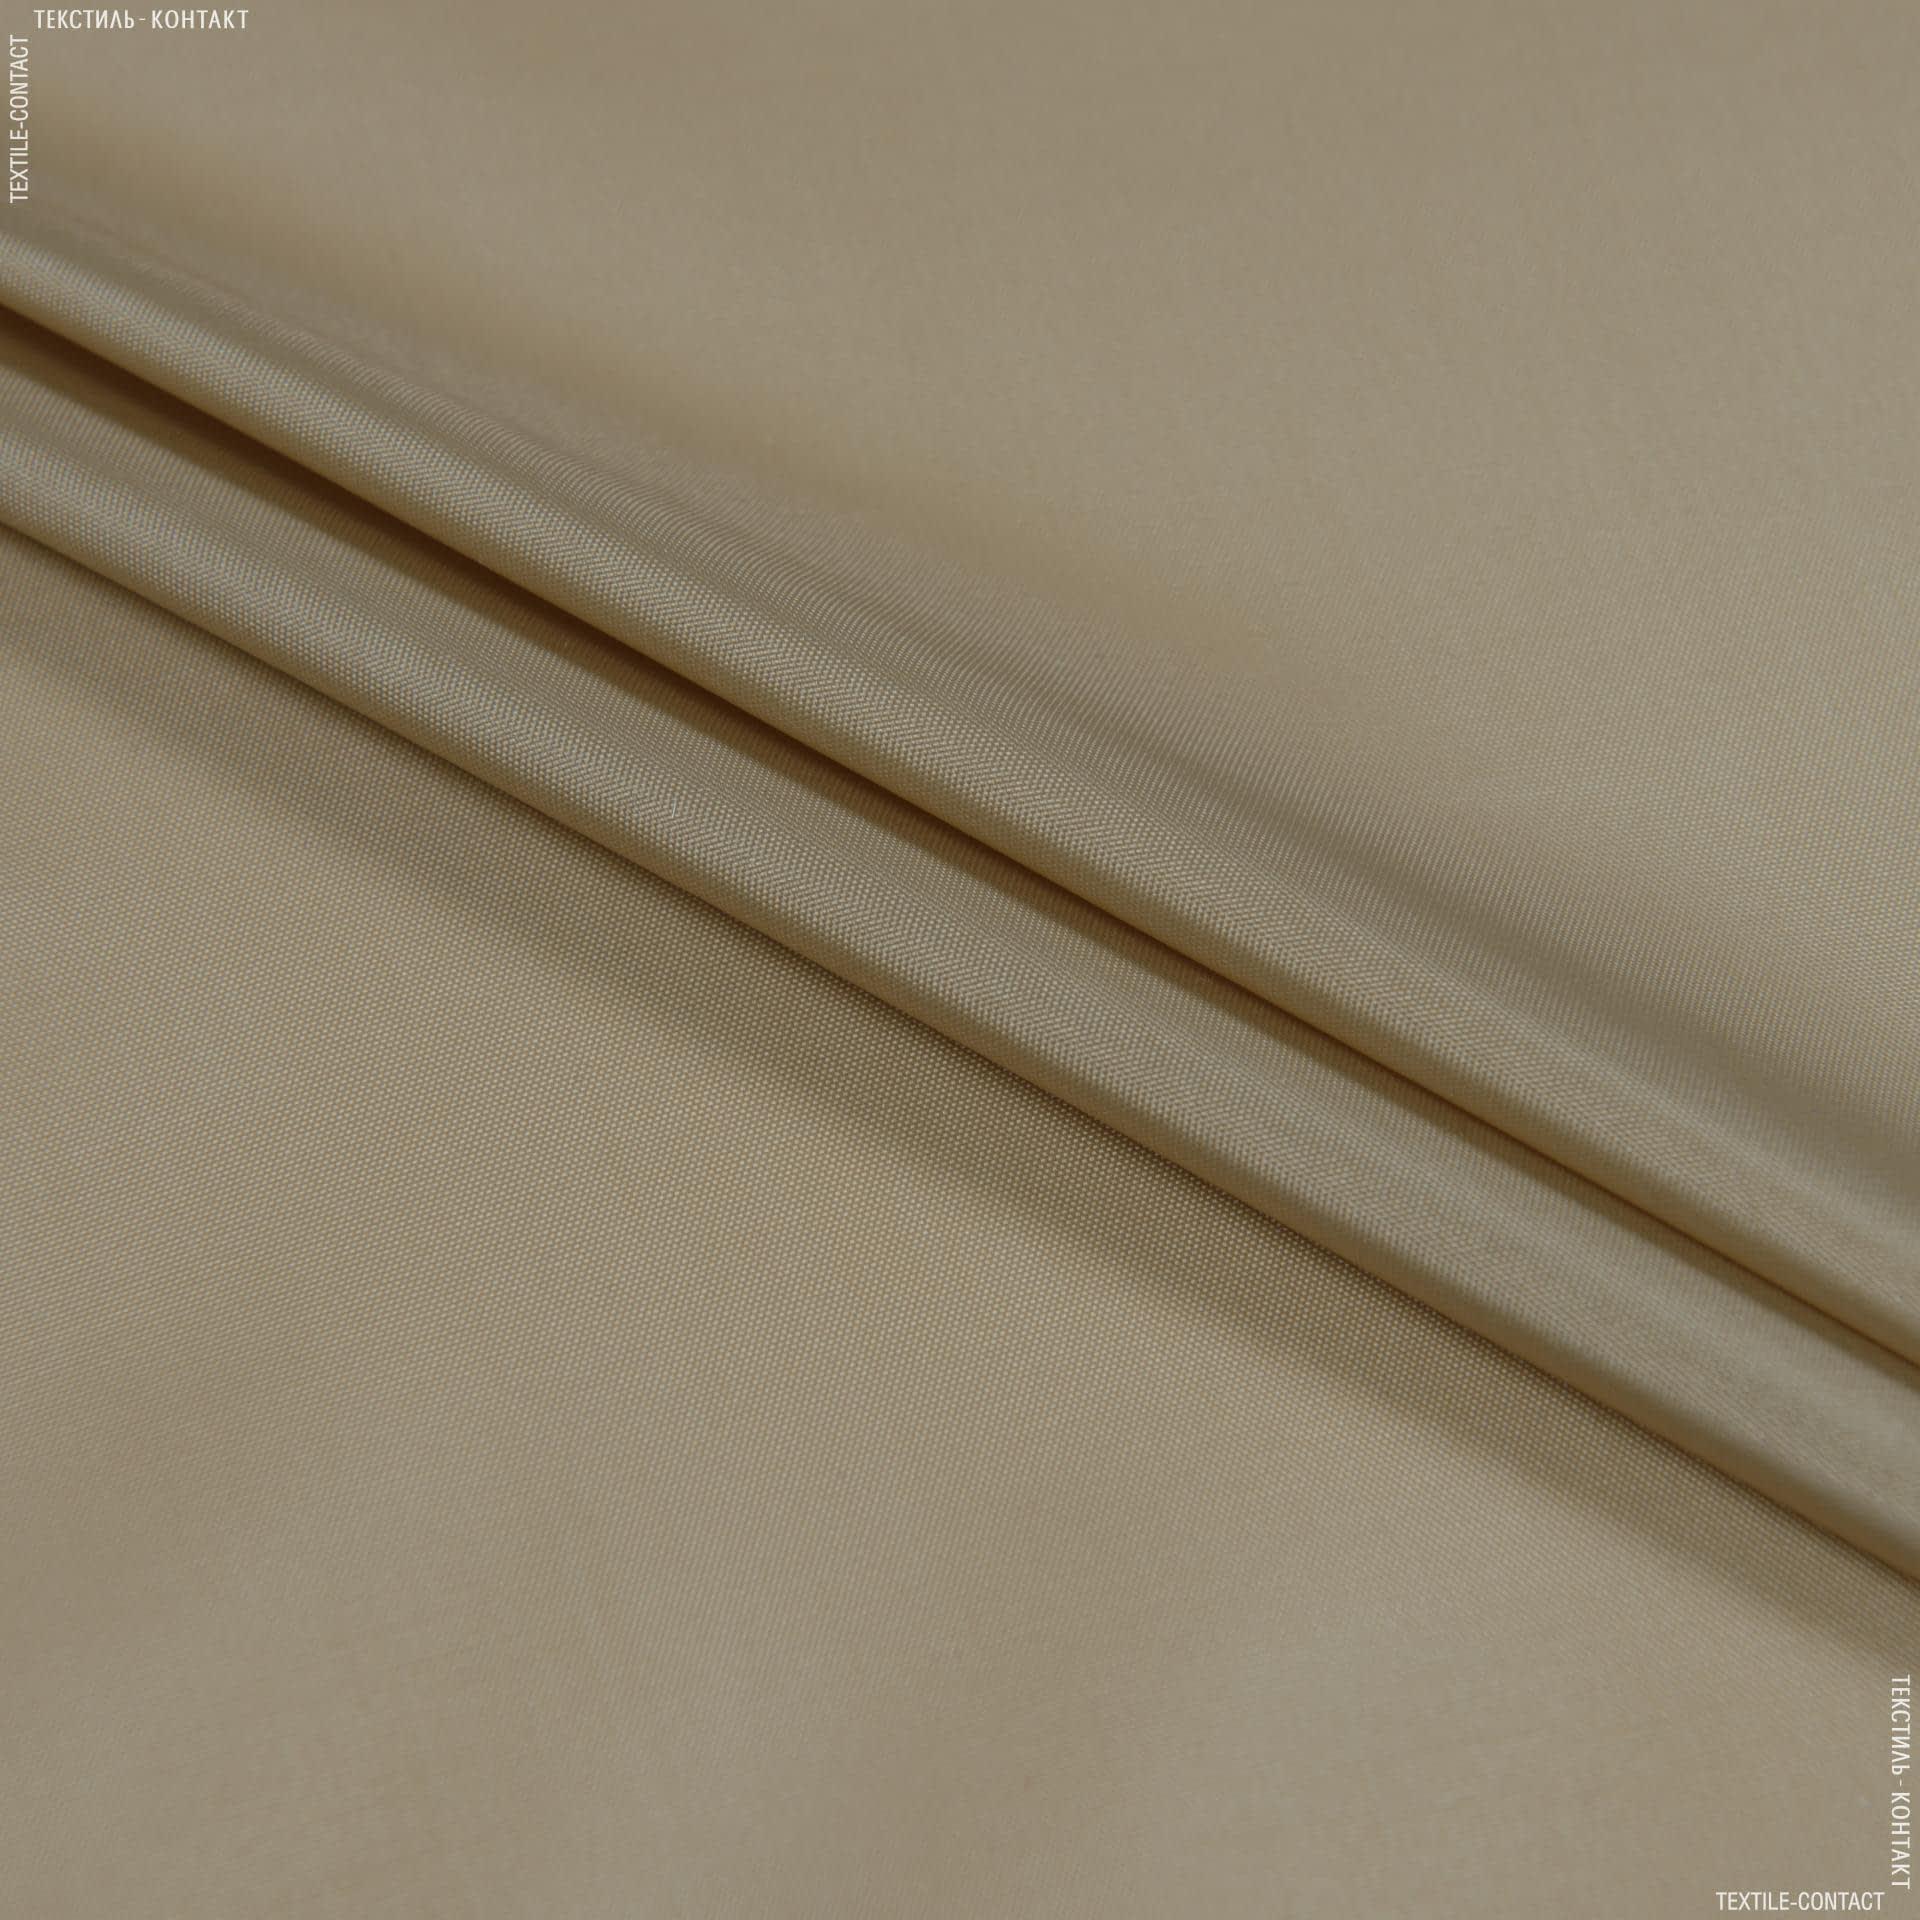 Тканини для наметів - Болонія бежевий